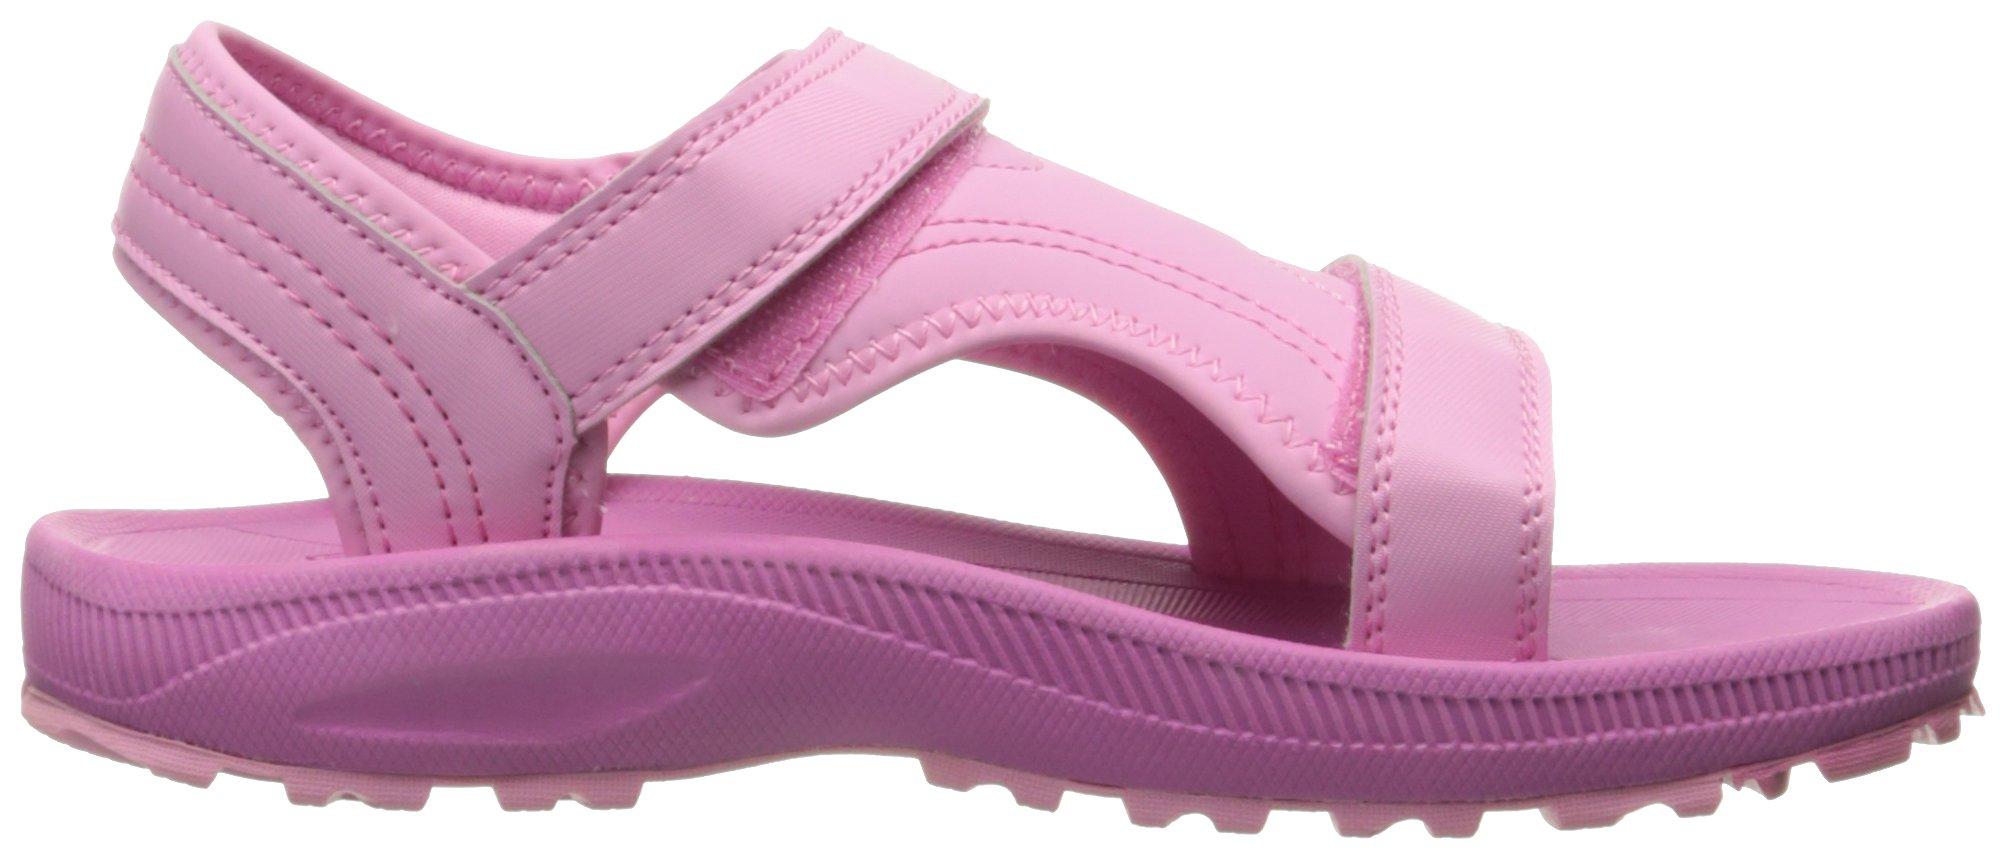 Teva Girls' Psyclone 4 Sandal, Pink, 1 M US Little Kid by Teva (Image #7)